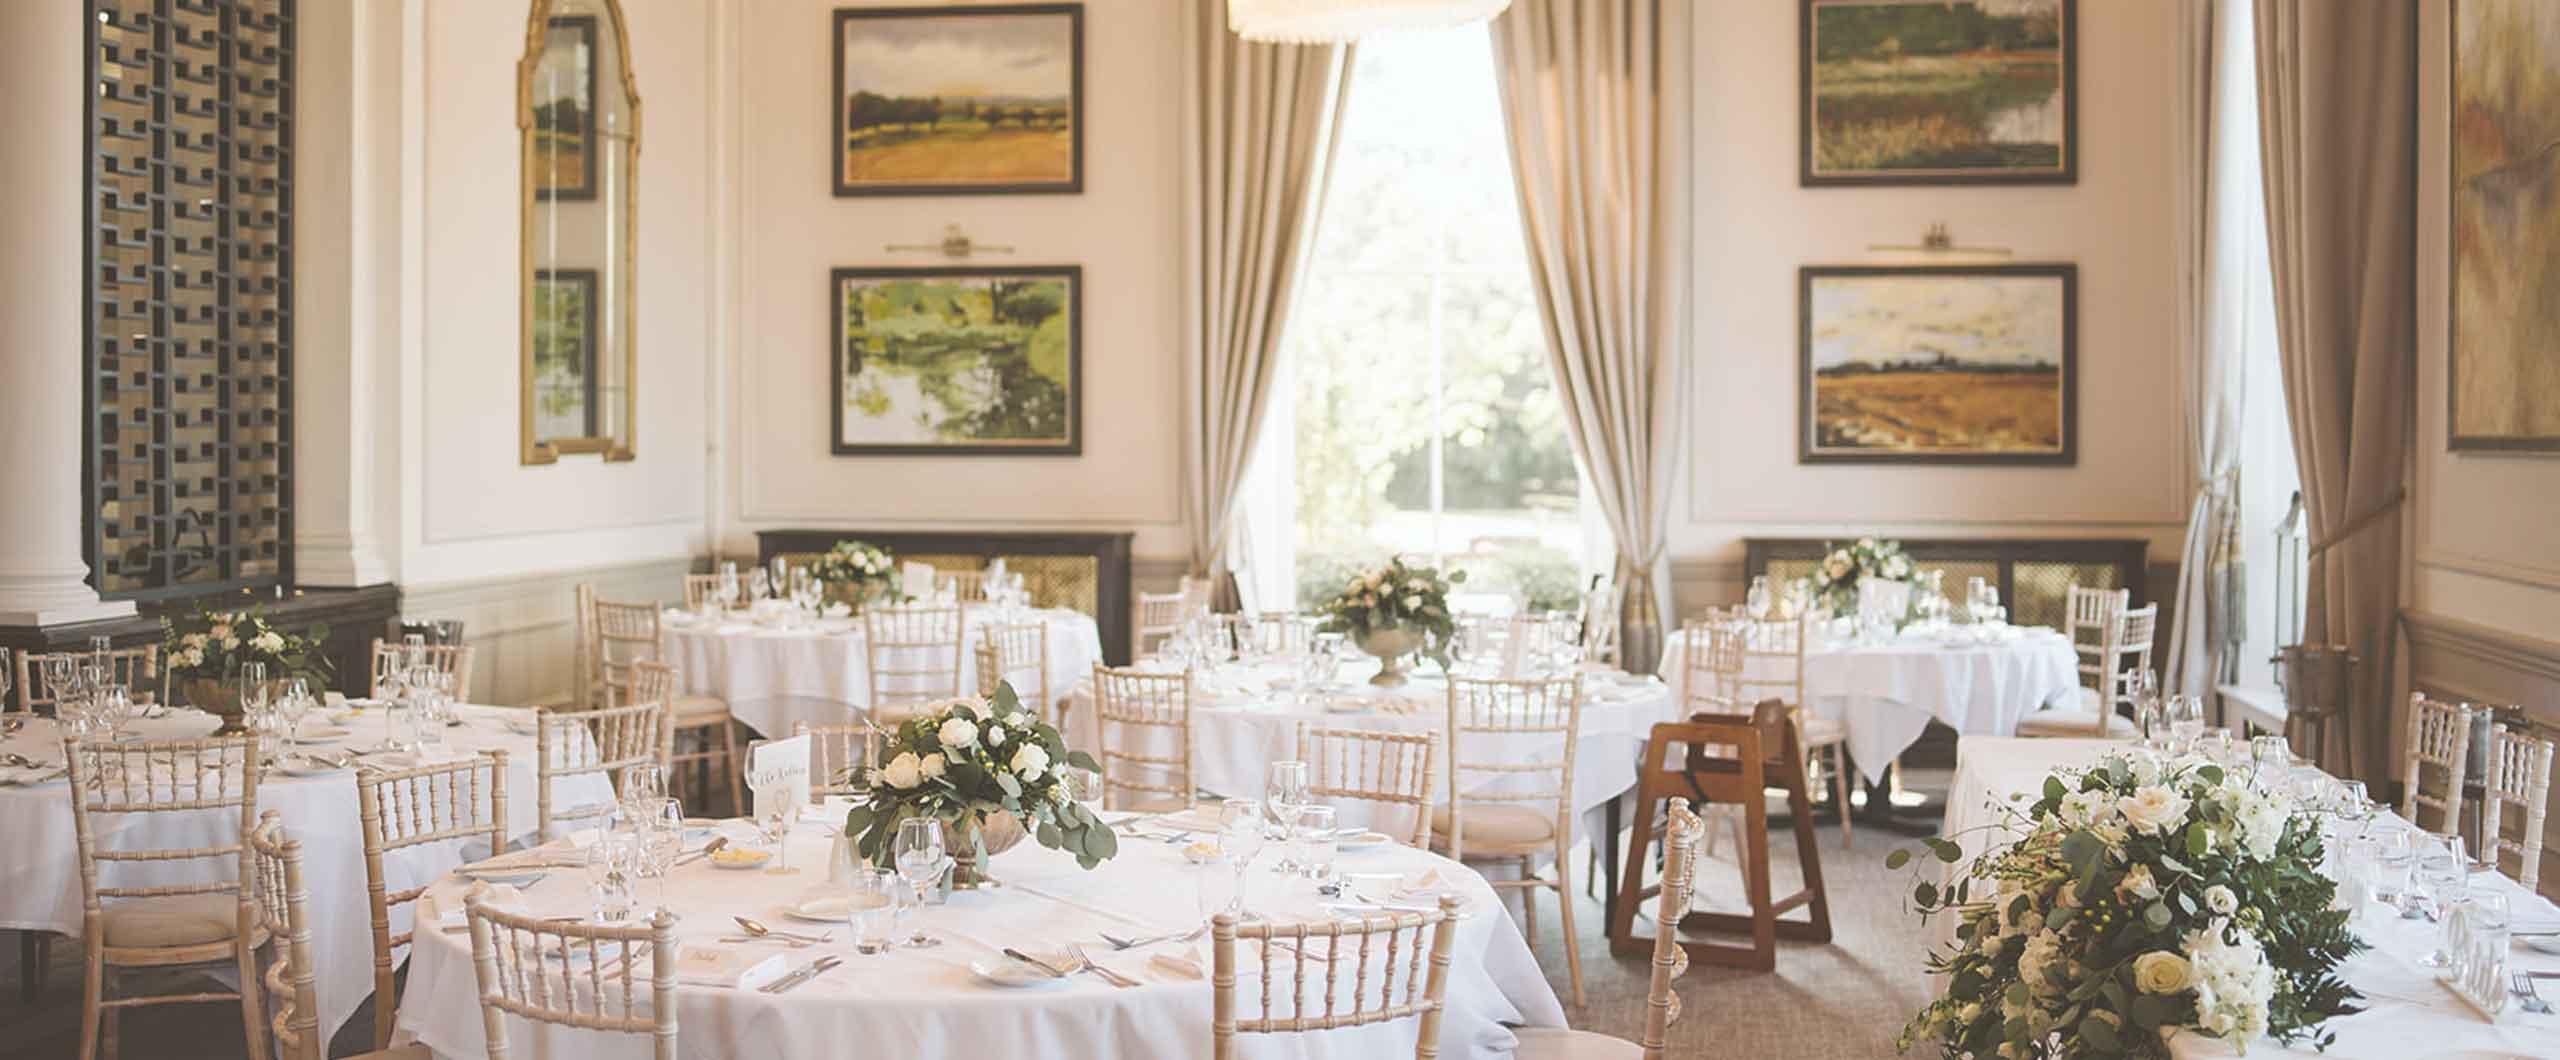 Wedding reception venue Surrey